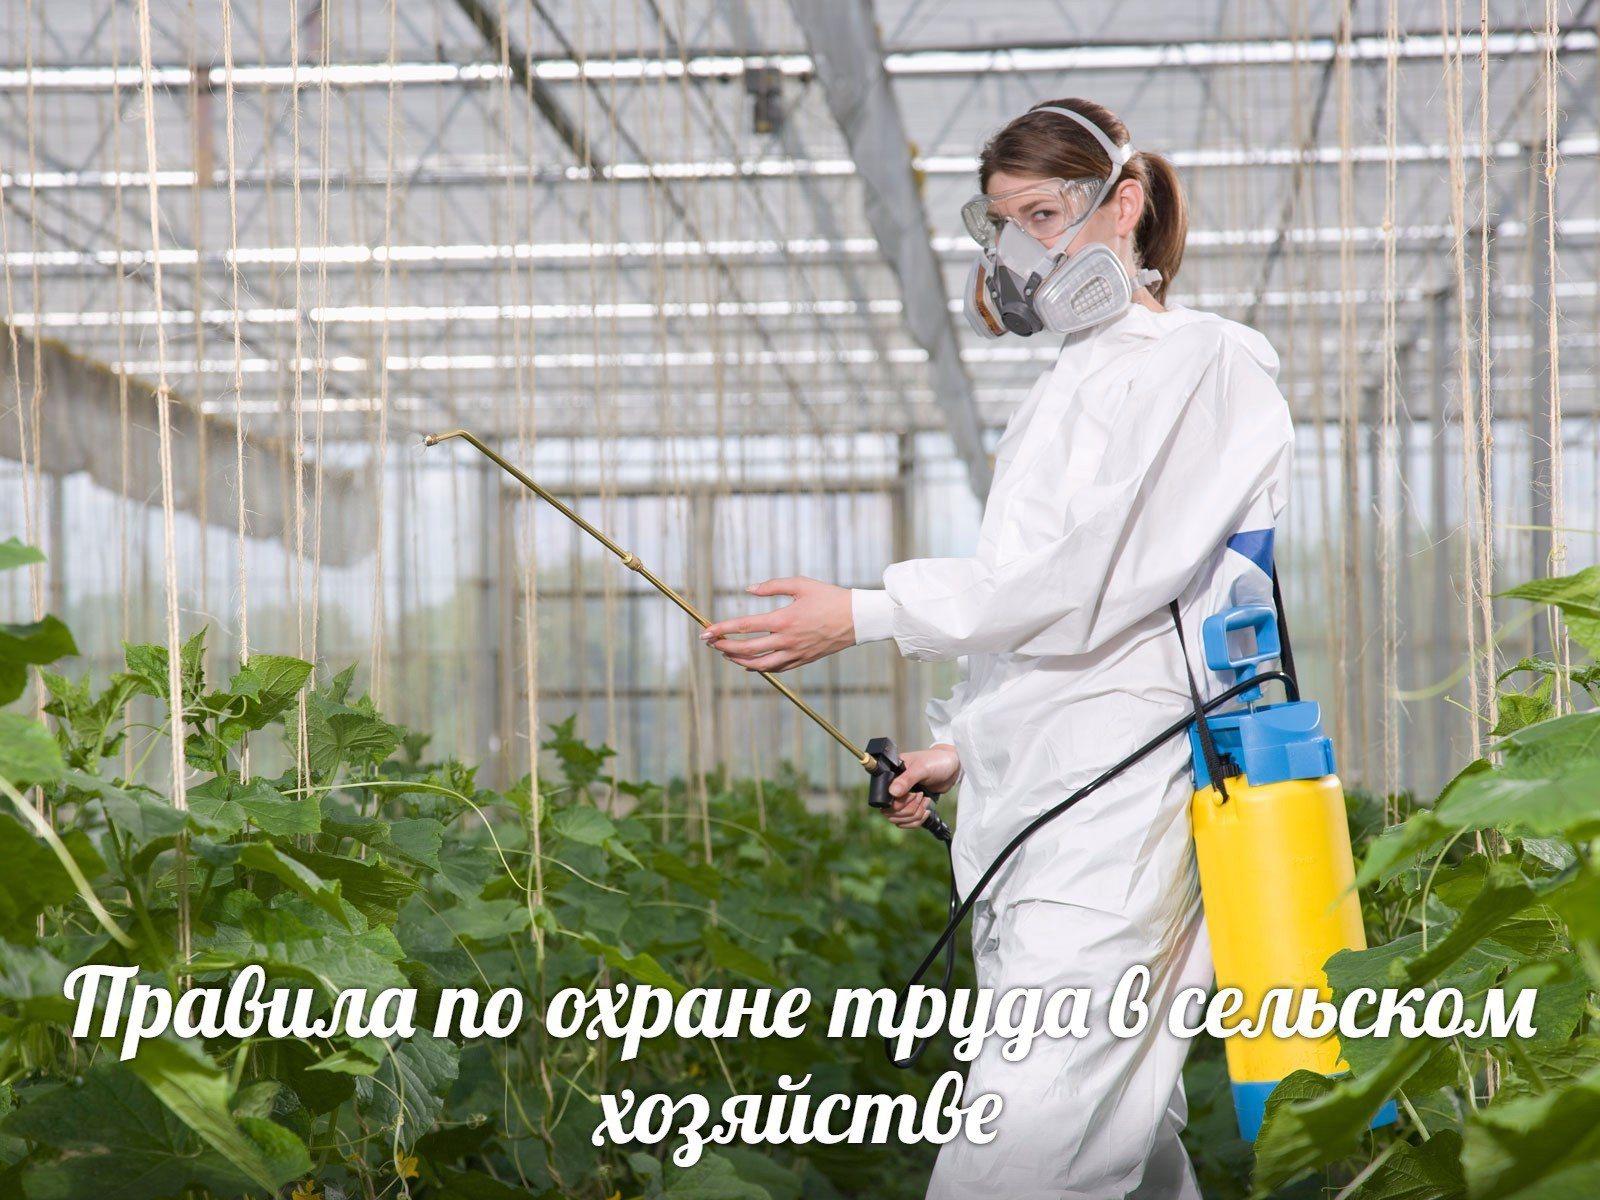 Новые Правила По Охране Труда в Сельском Хозяйстве На Подходе!